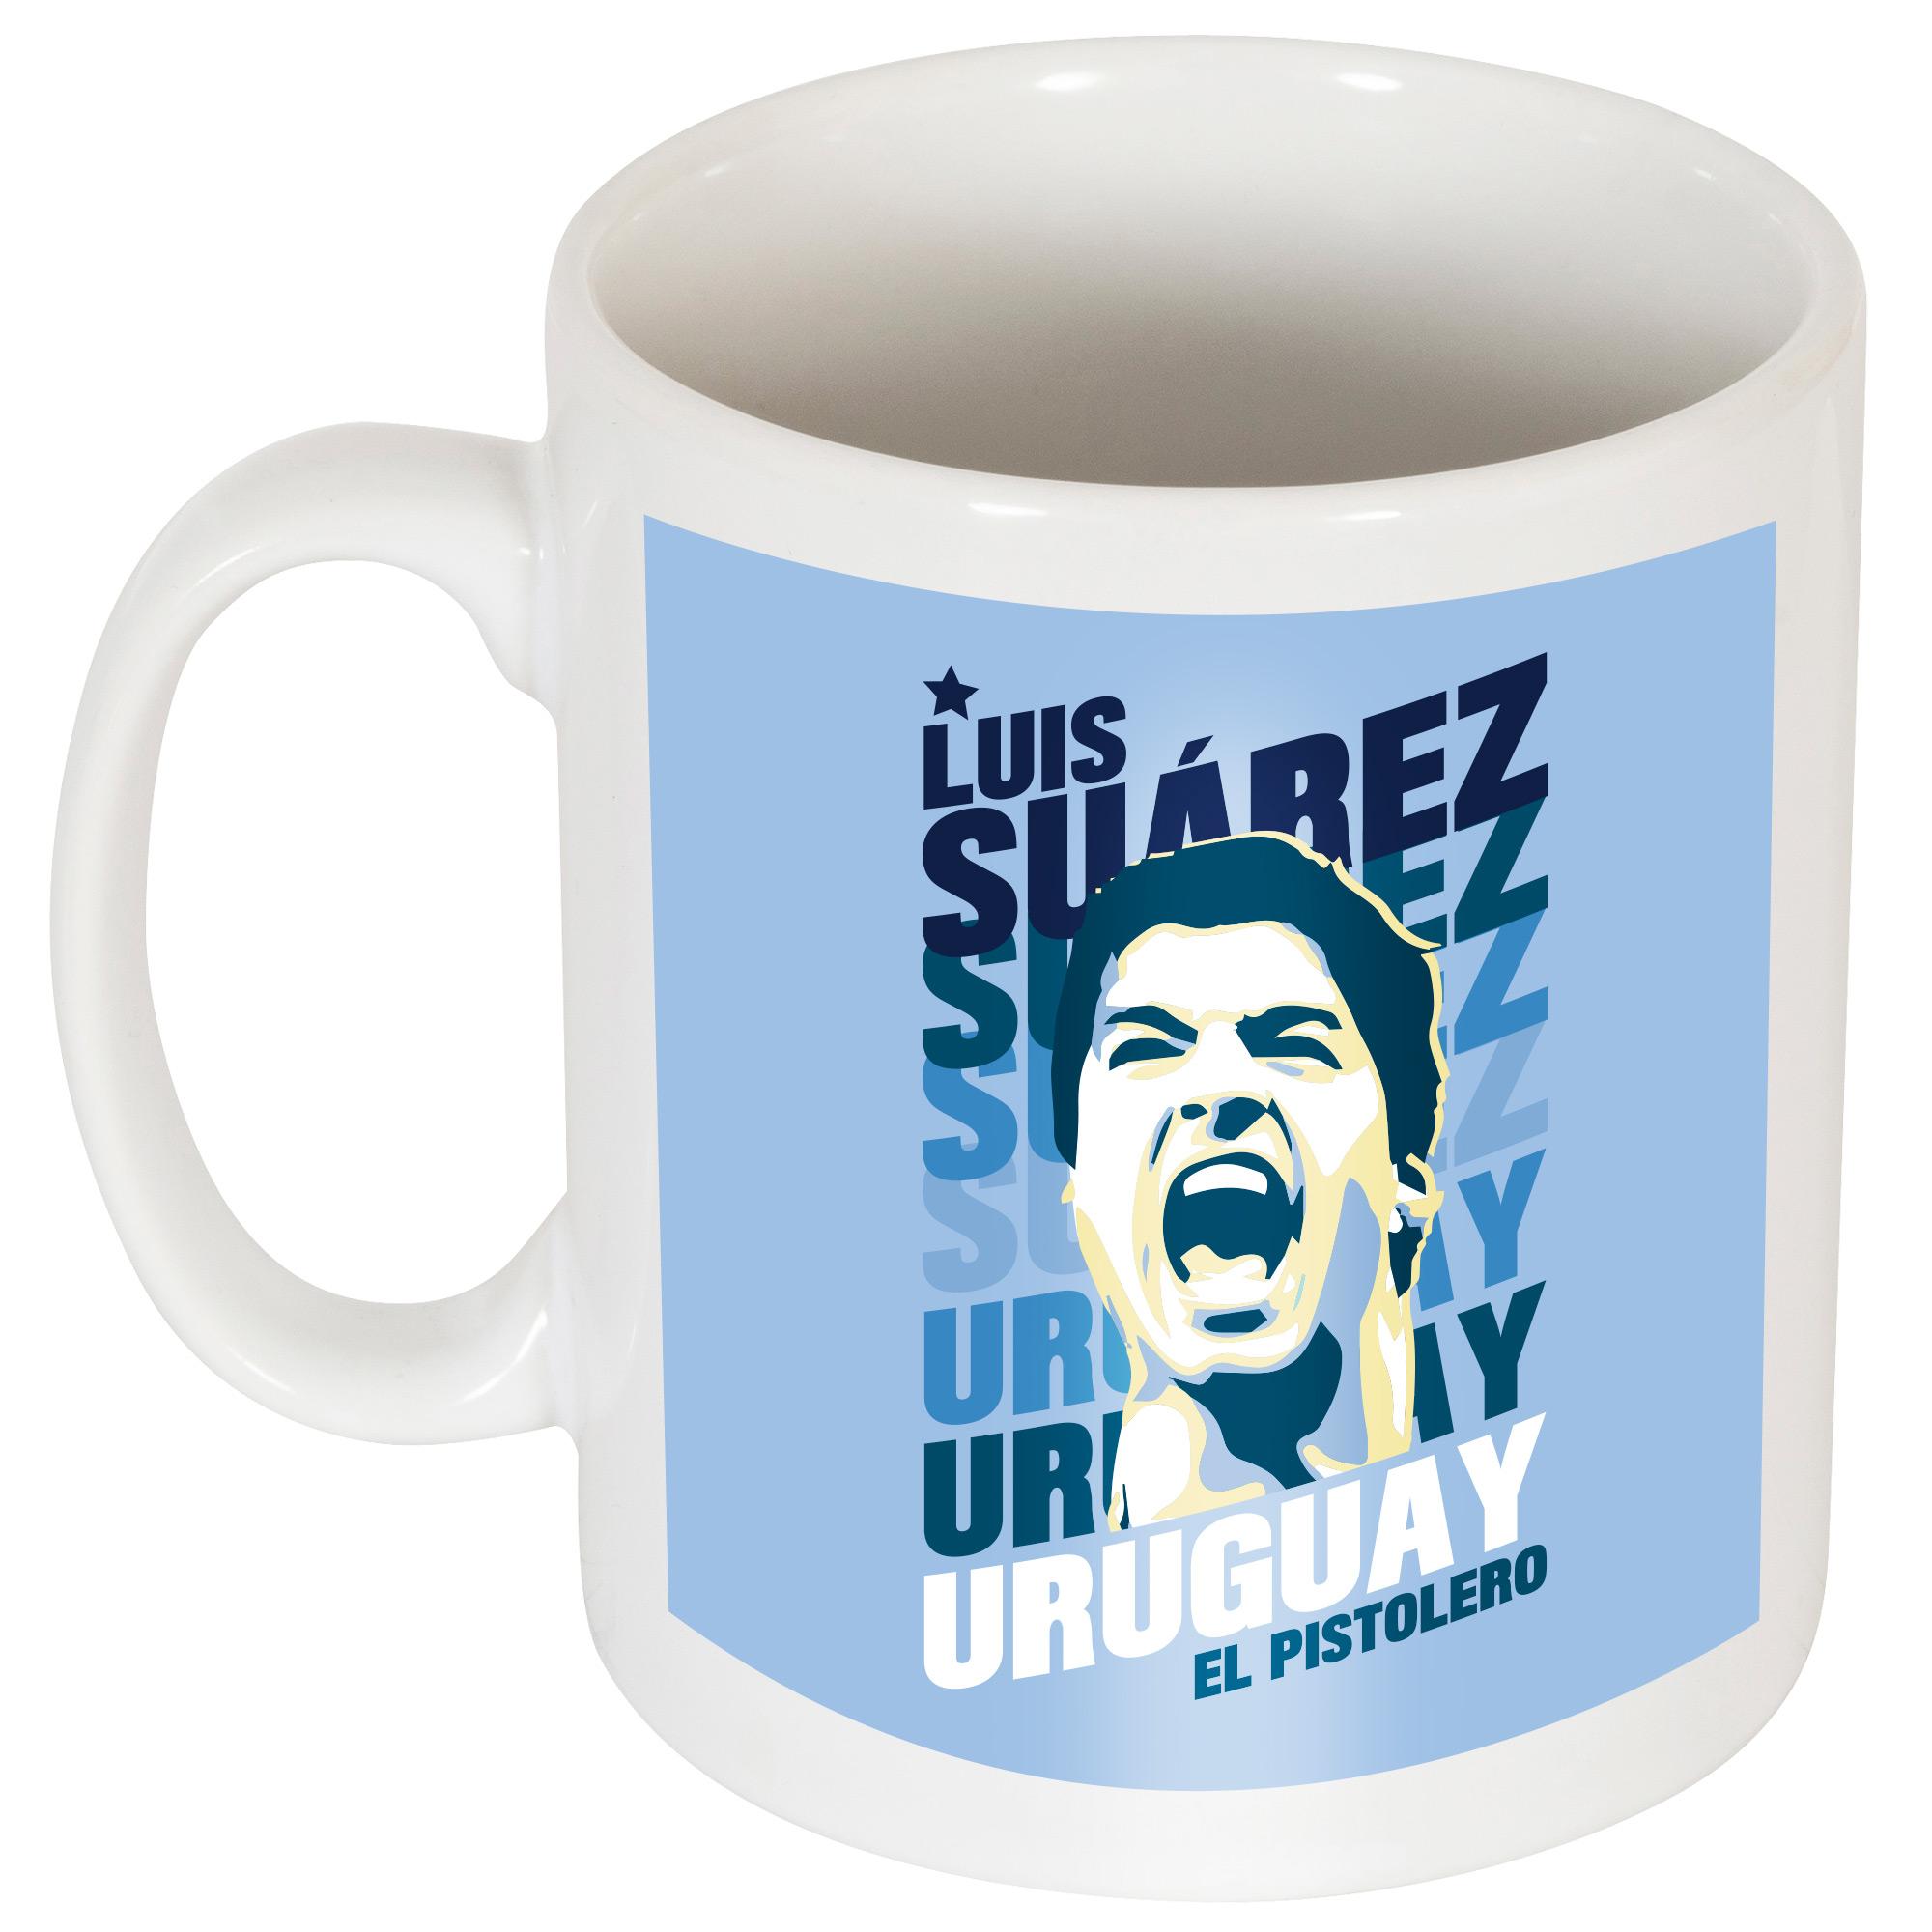 Suarez Uruguay Portrait Mug - OS